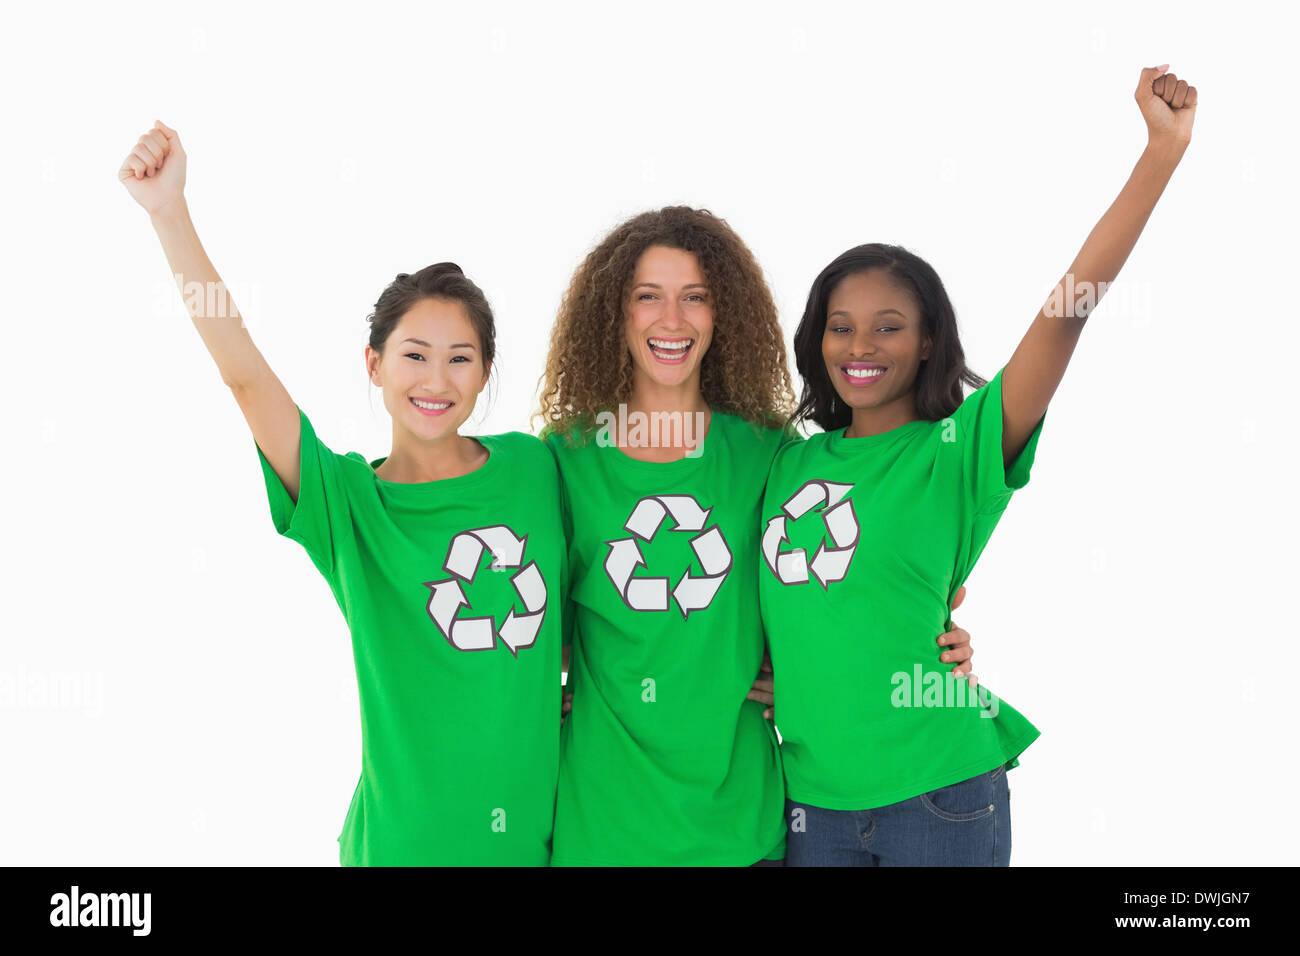 Team of environmental activists cheering at camera - Stock Image